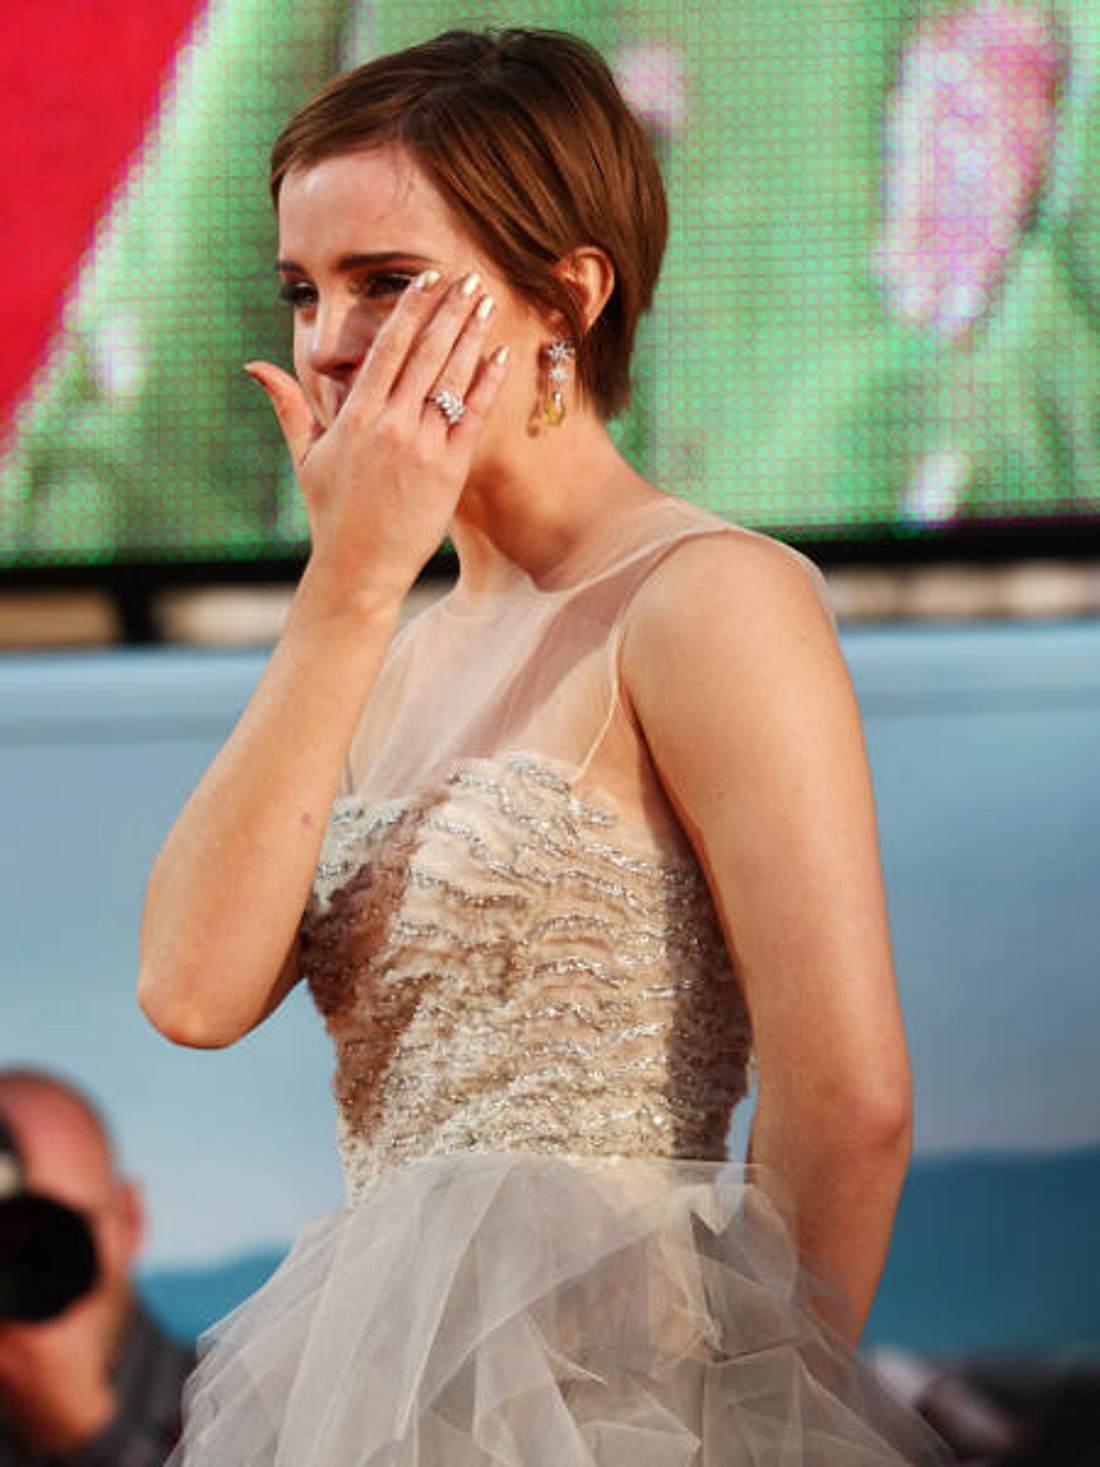 """Premiere von """"Harry Potter und die Heiligtümer des Todes - Teil 2"""" in London ,Zum Abschied vergoss Emma Watson noch einige Tränchen. Verständlich, immerhin war sie zehn Jahre lang damit beschäftigt """"Harry Potter"""" zu dreh"""